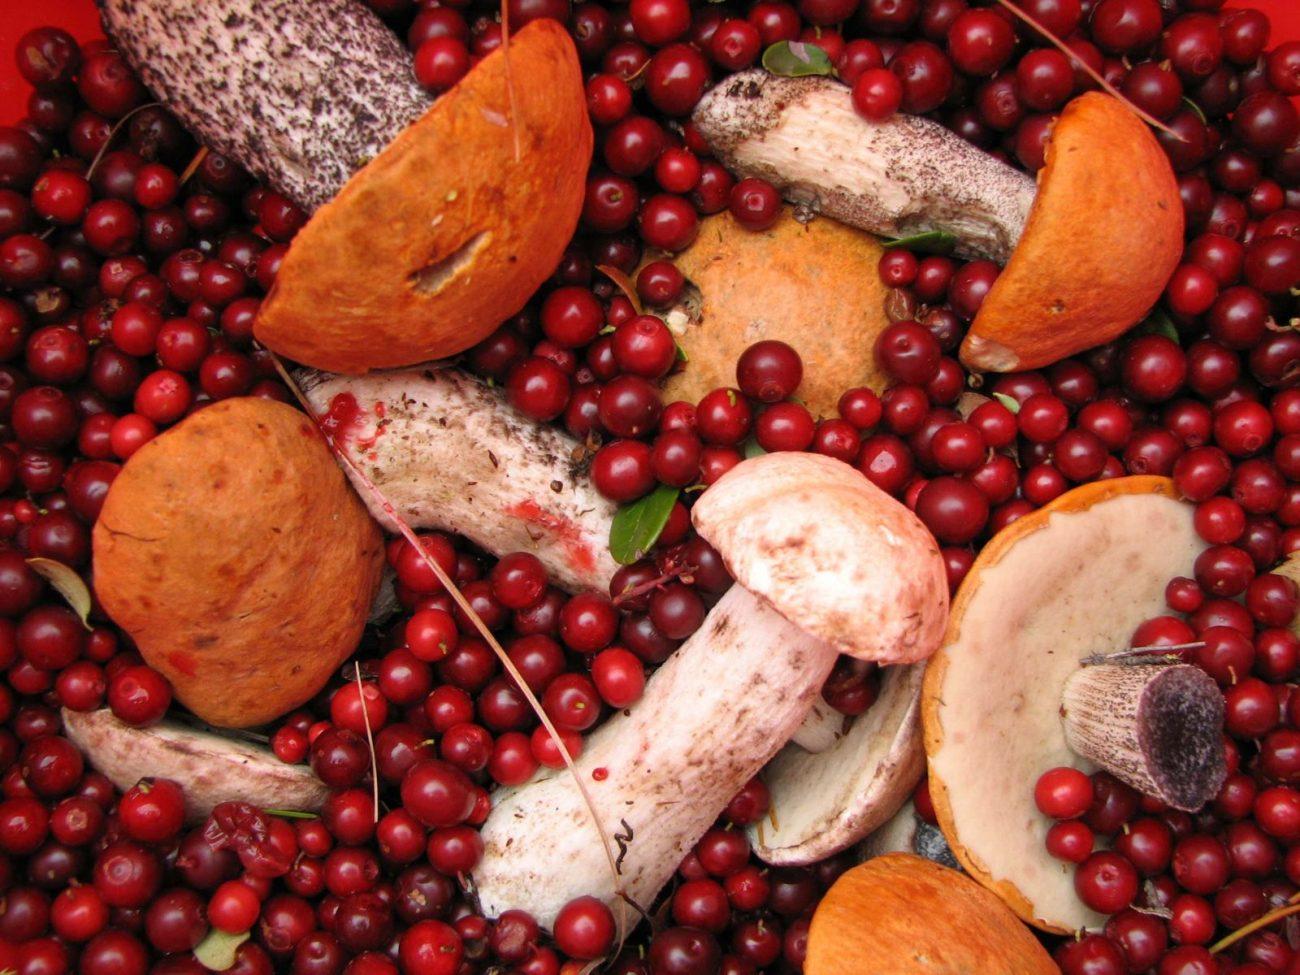 104 1 1 - Варенье из шишек, клюква и орехи в меду – Югра начала экспортировать дикоросы в Тайланд